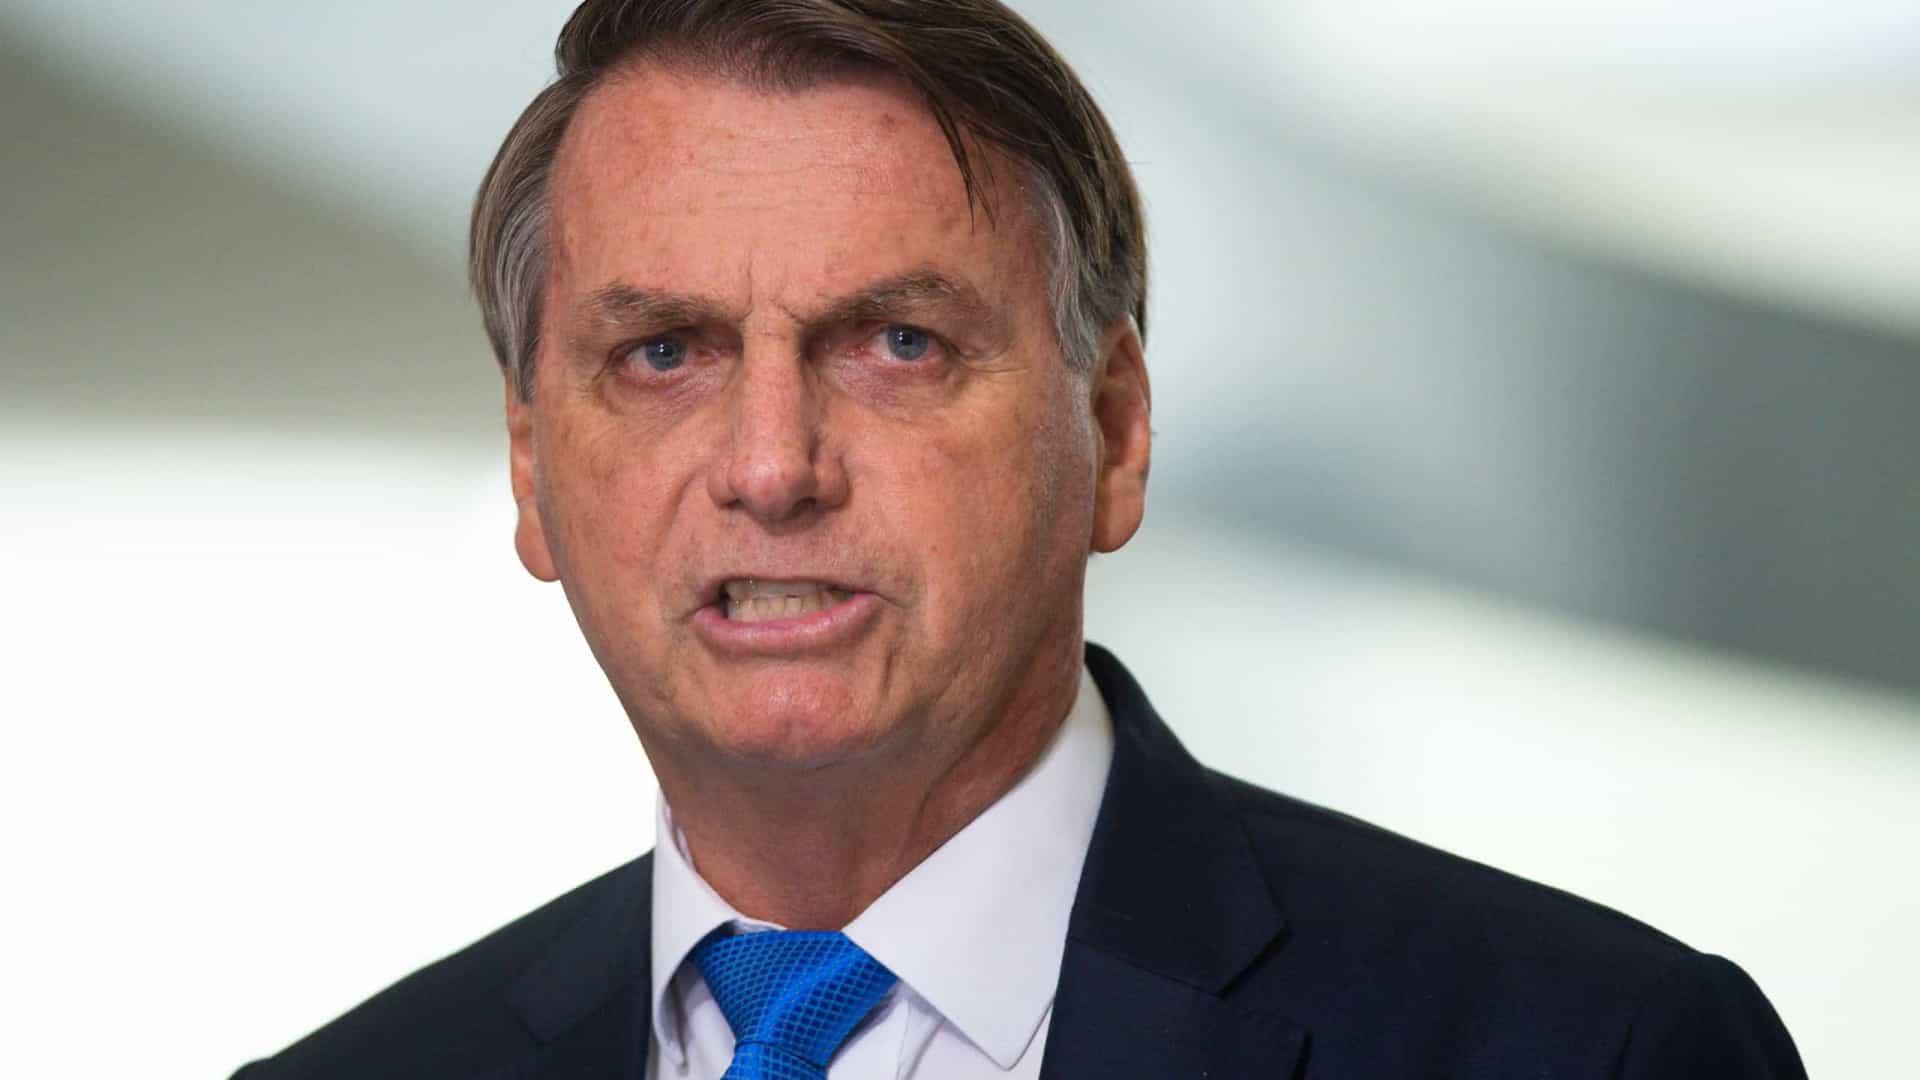 Coronavírus 'matou o mosquito da dengue', ironiza Bolsonaro